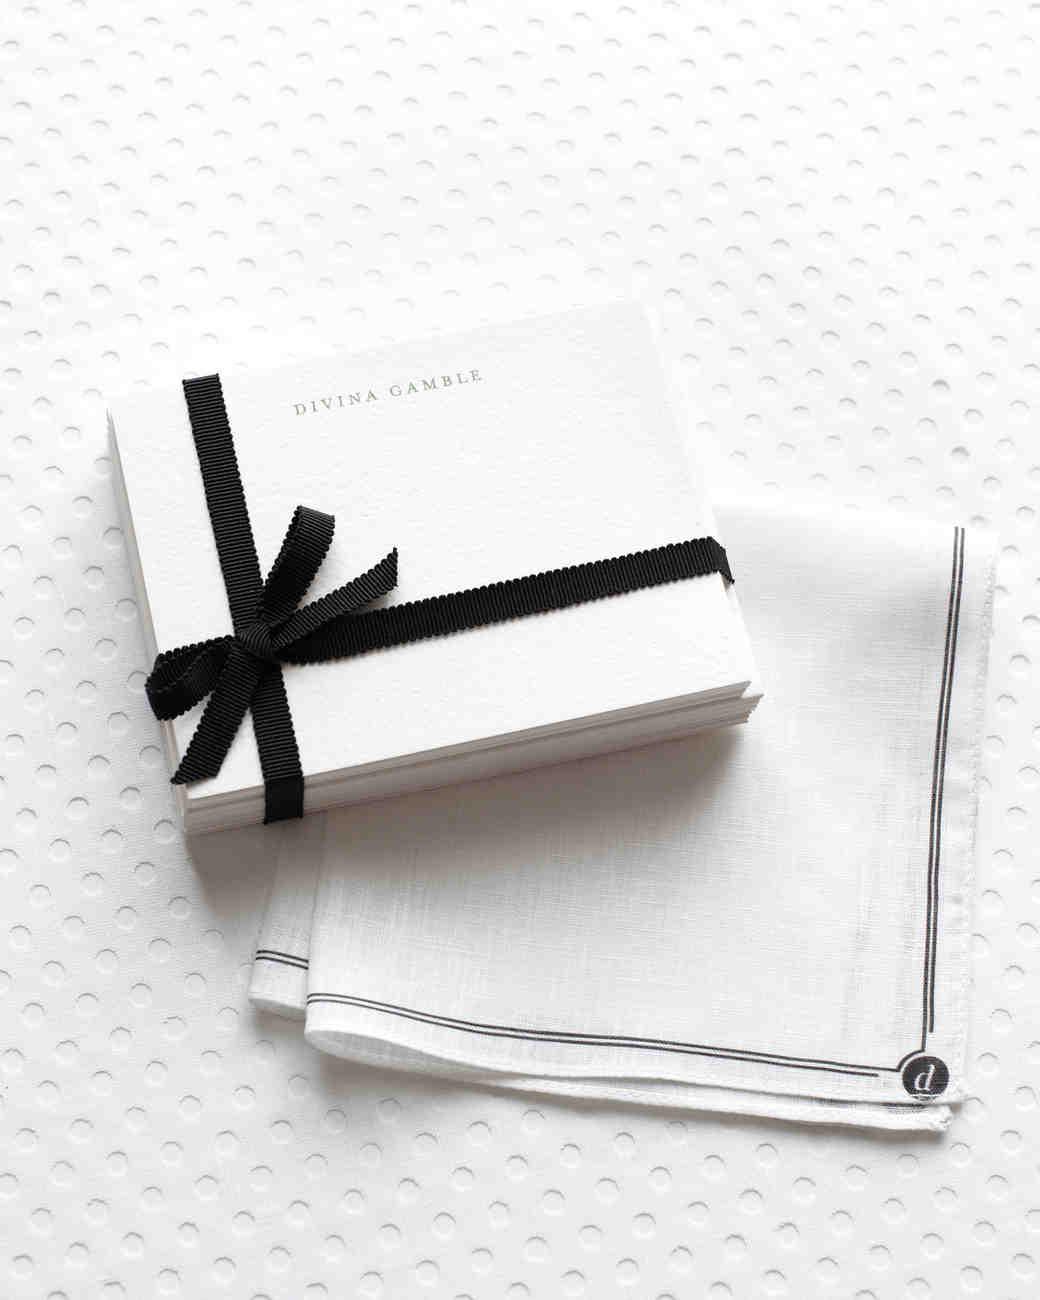 gracia-dan-gifts-mwd107271.jpg